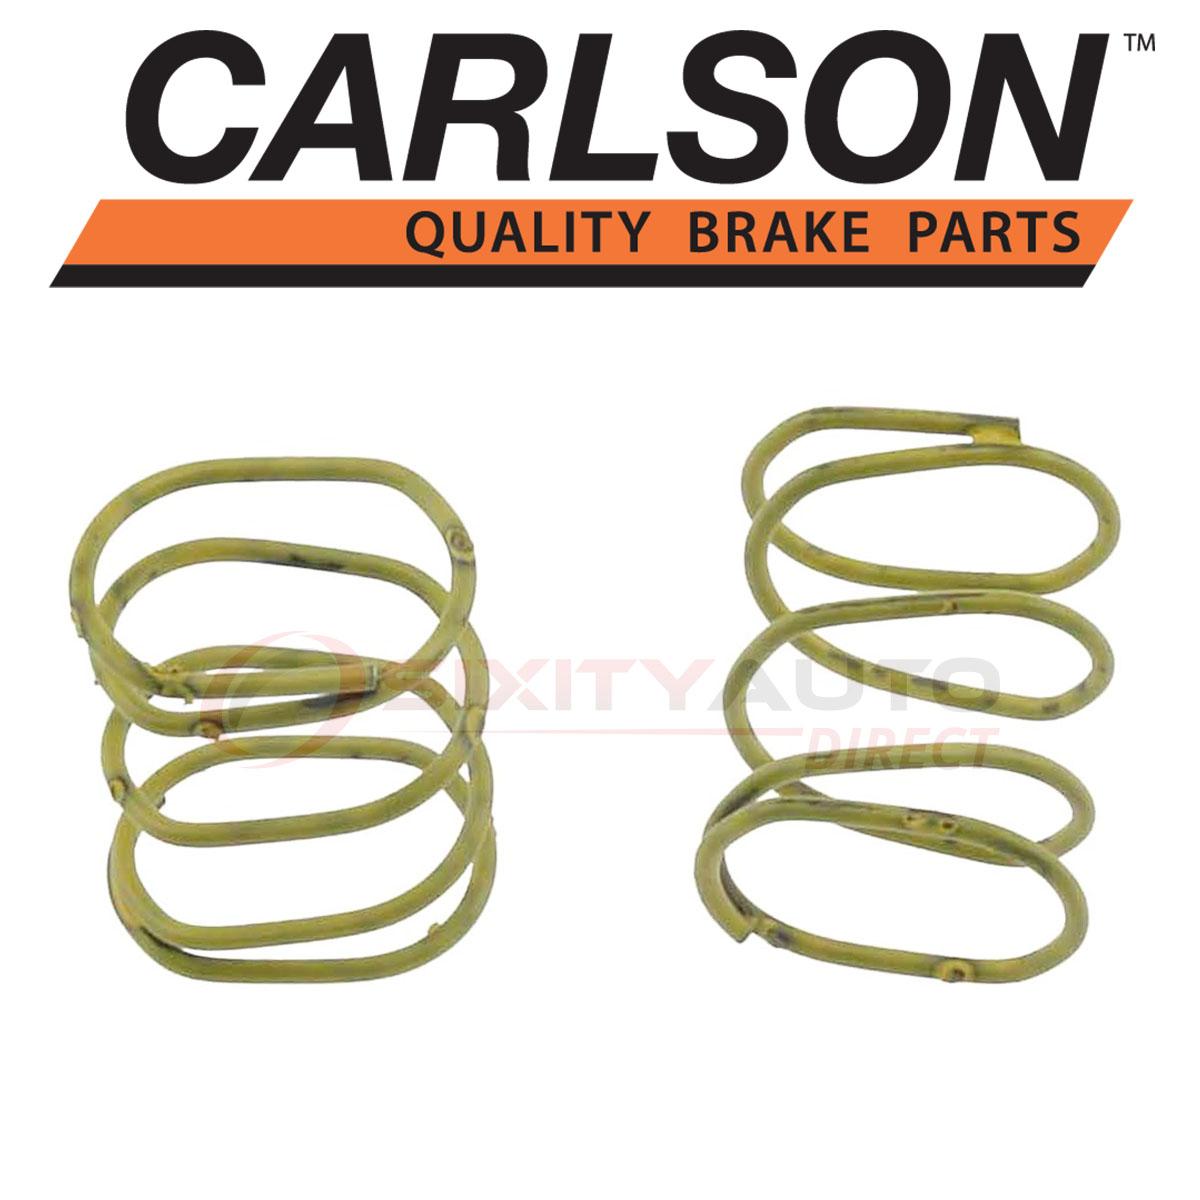 Brake Strut For 1995-2000 Chevrolet Tahoe; Parking Brake Strut Brakes Struts B